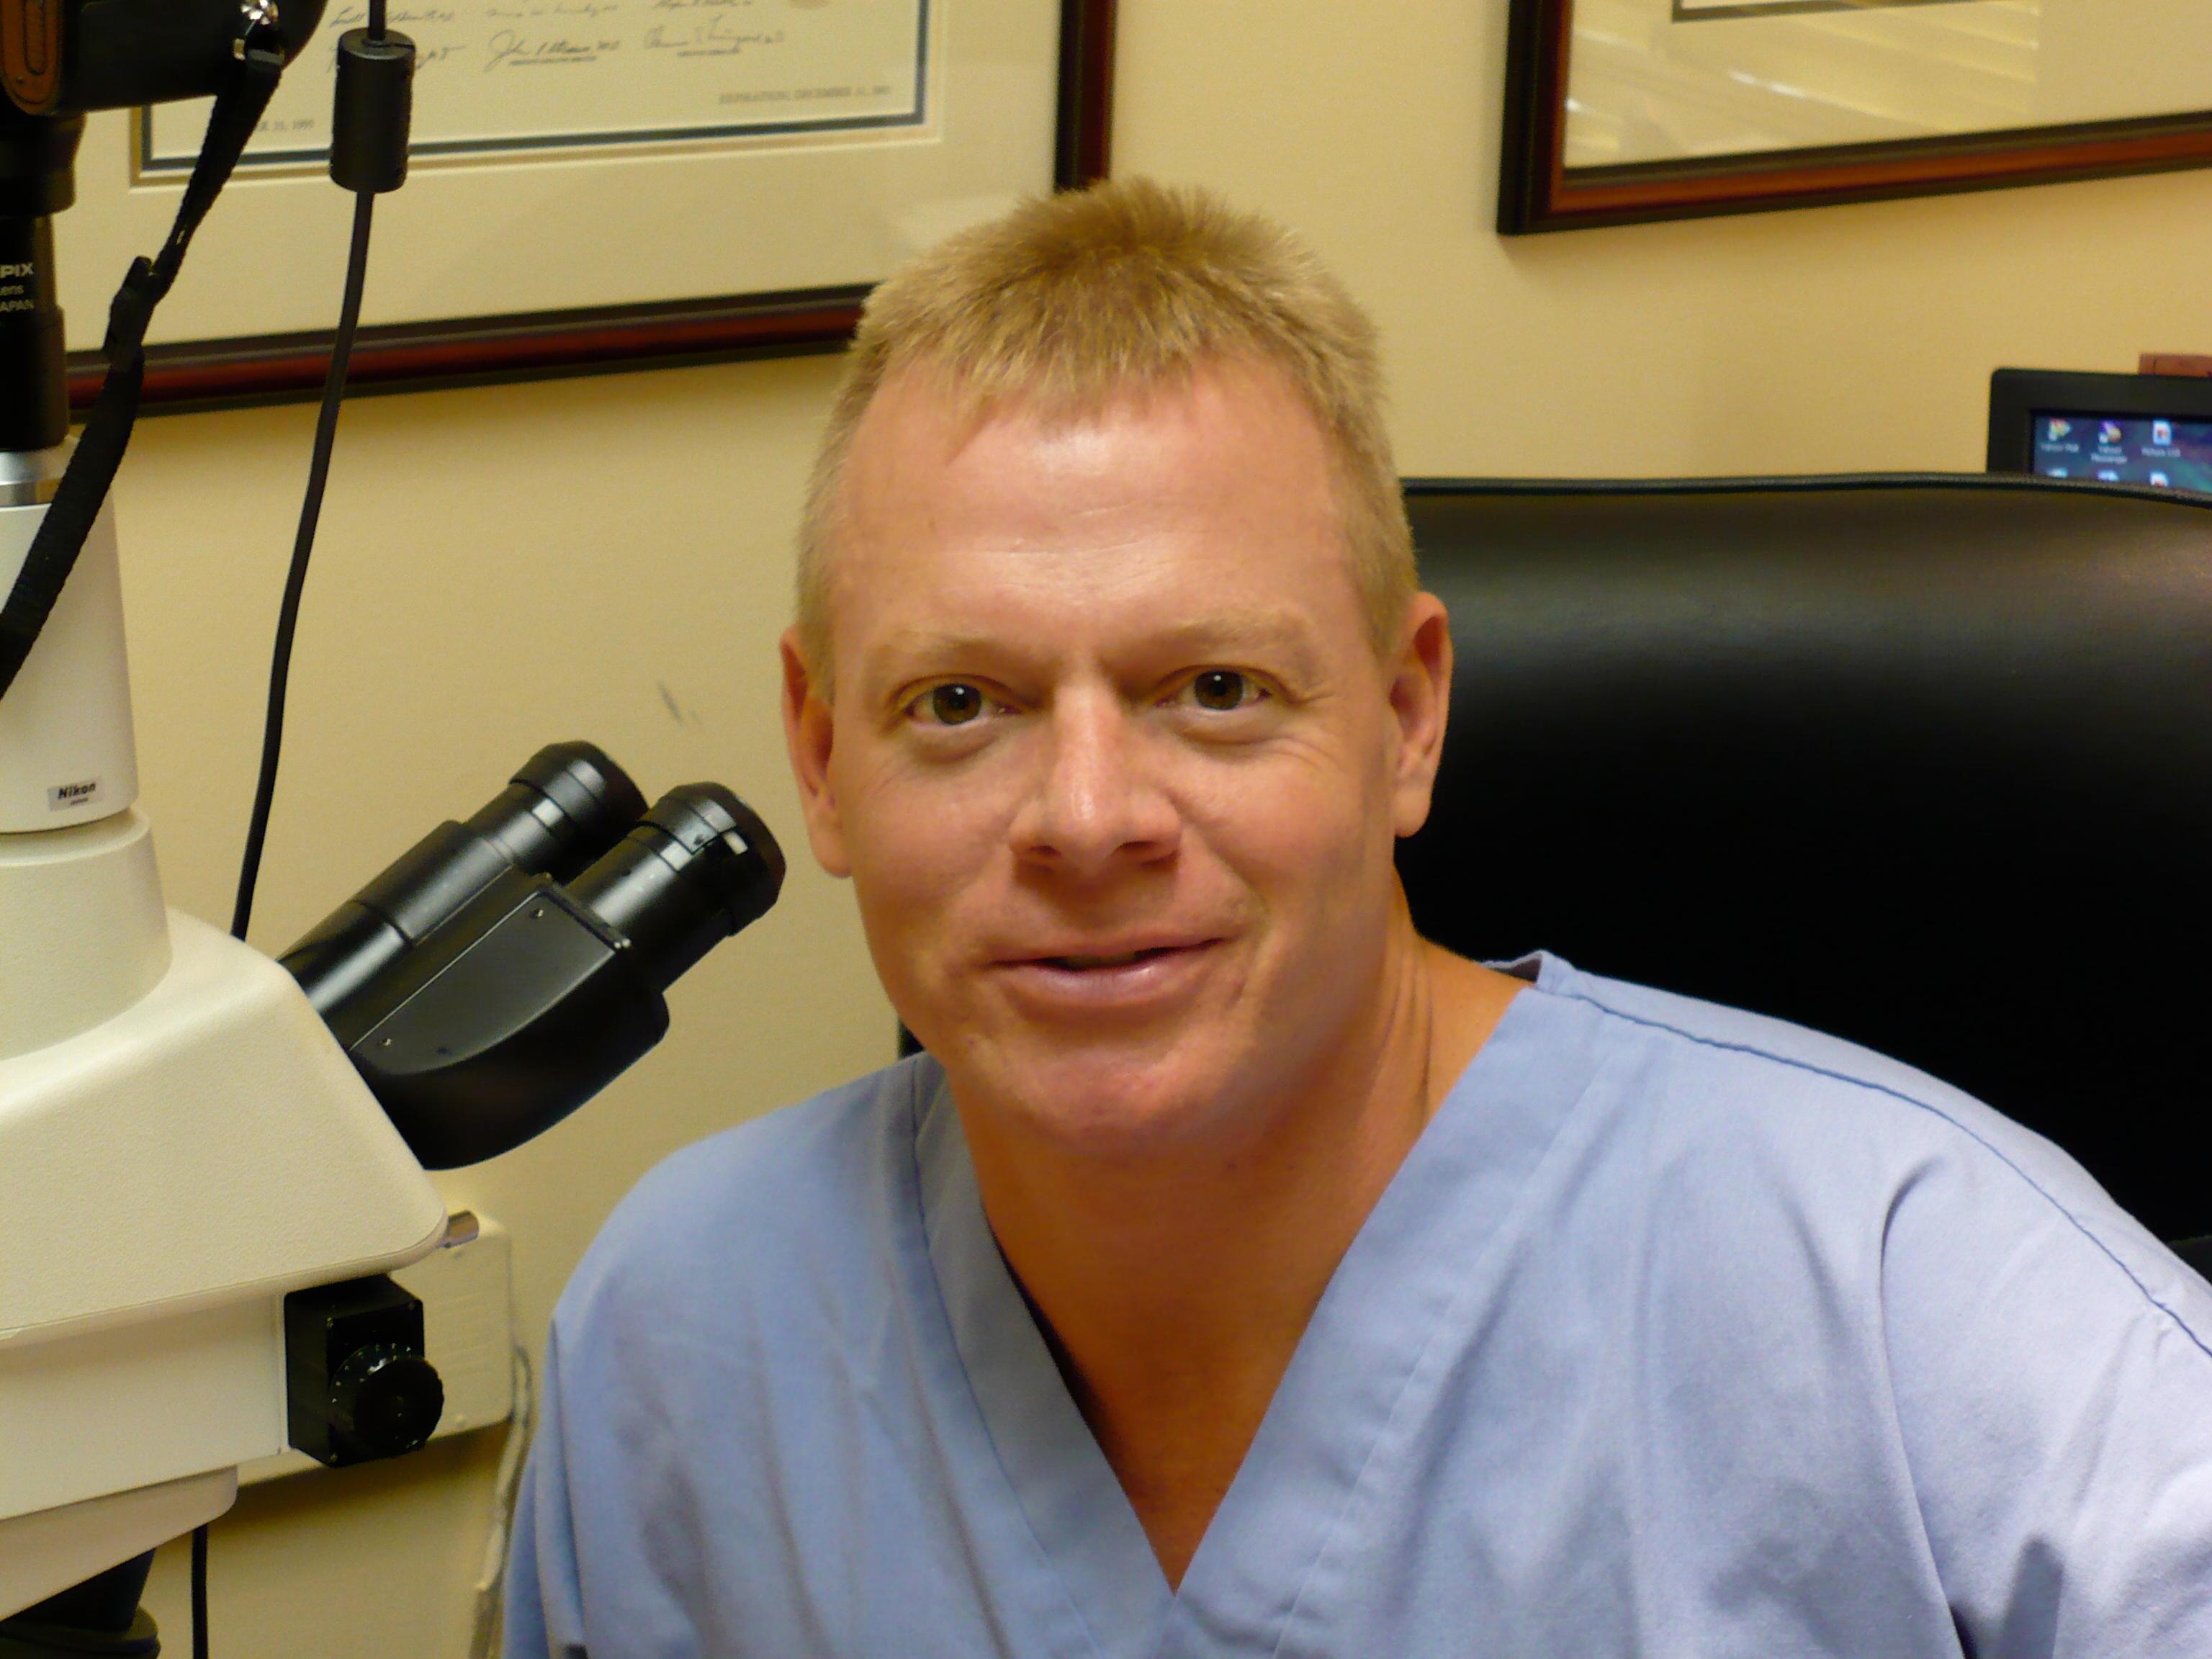 Sutton Place Dermatology